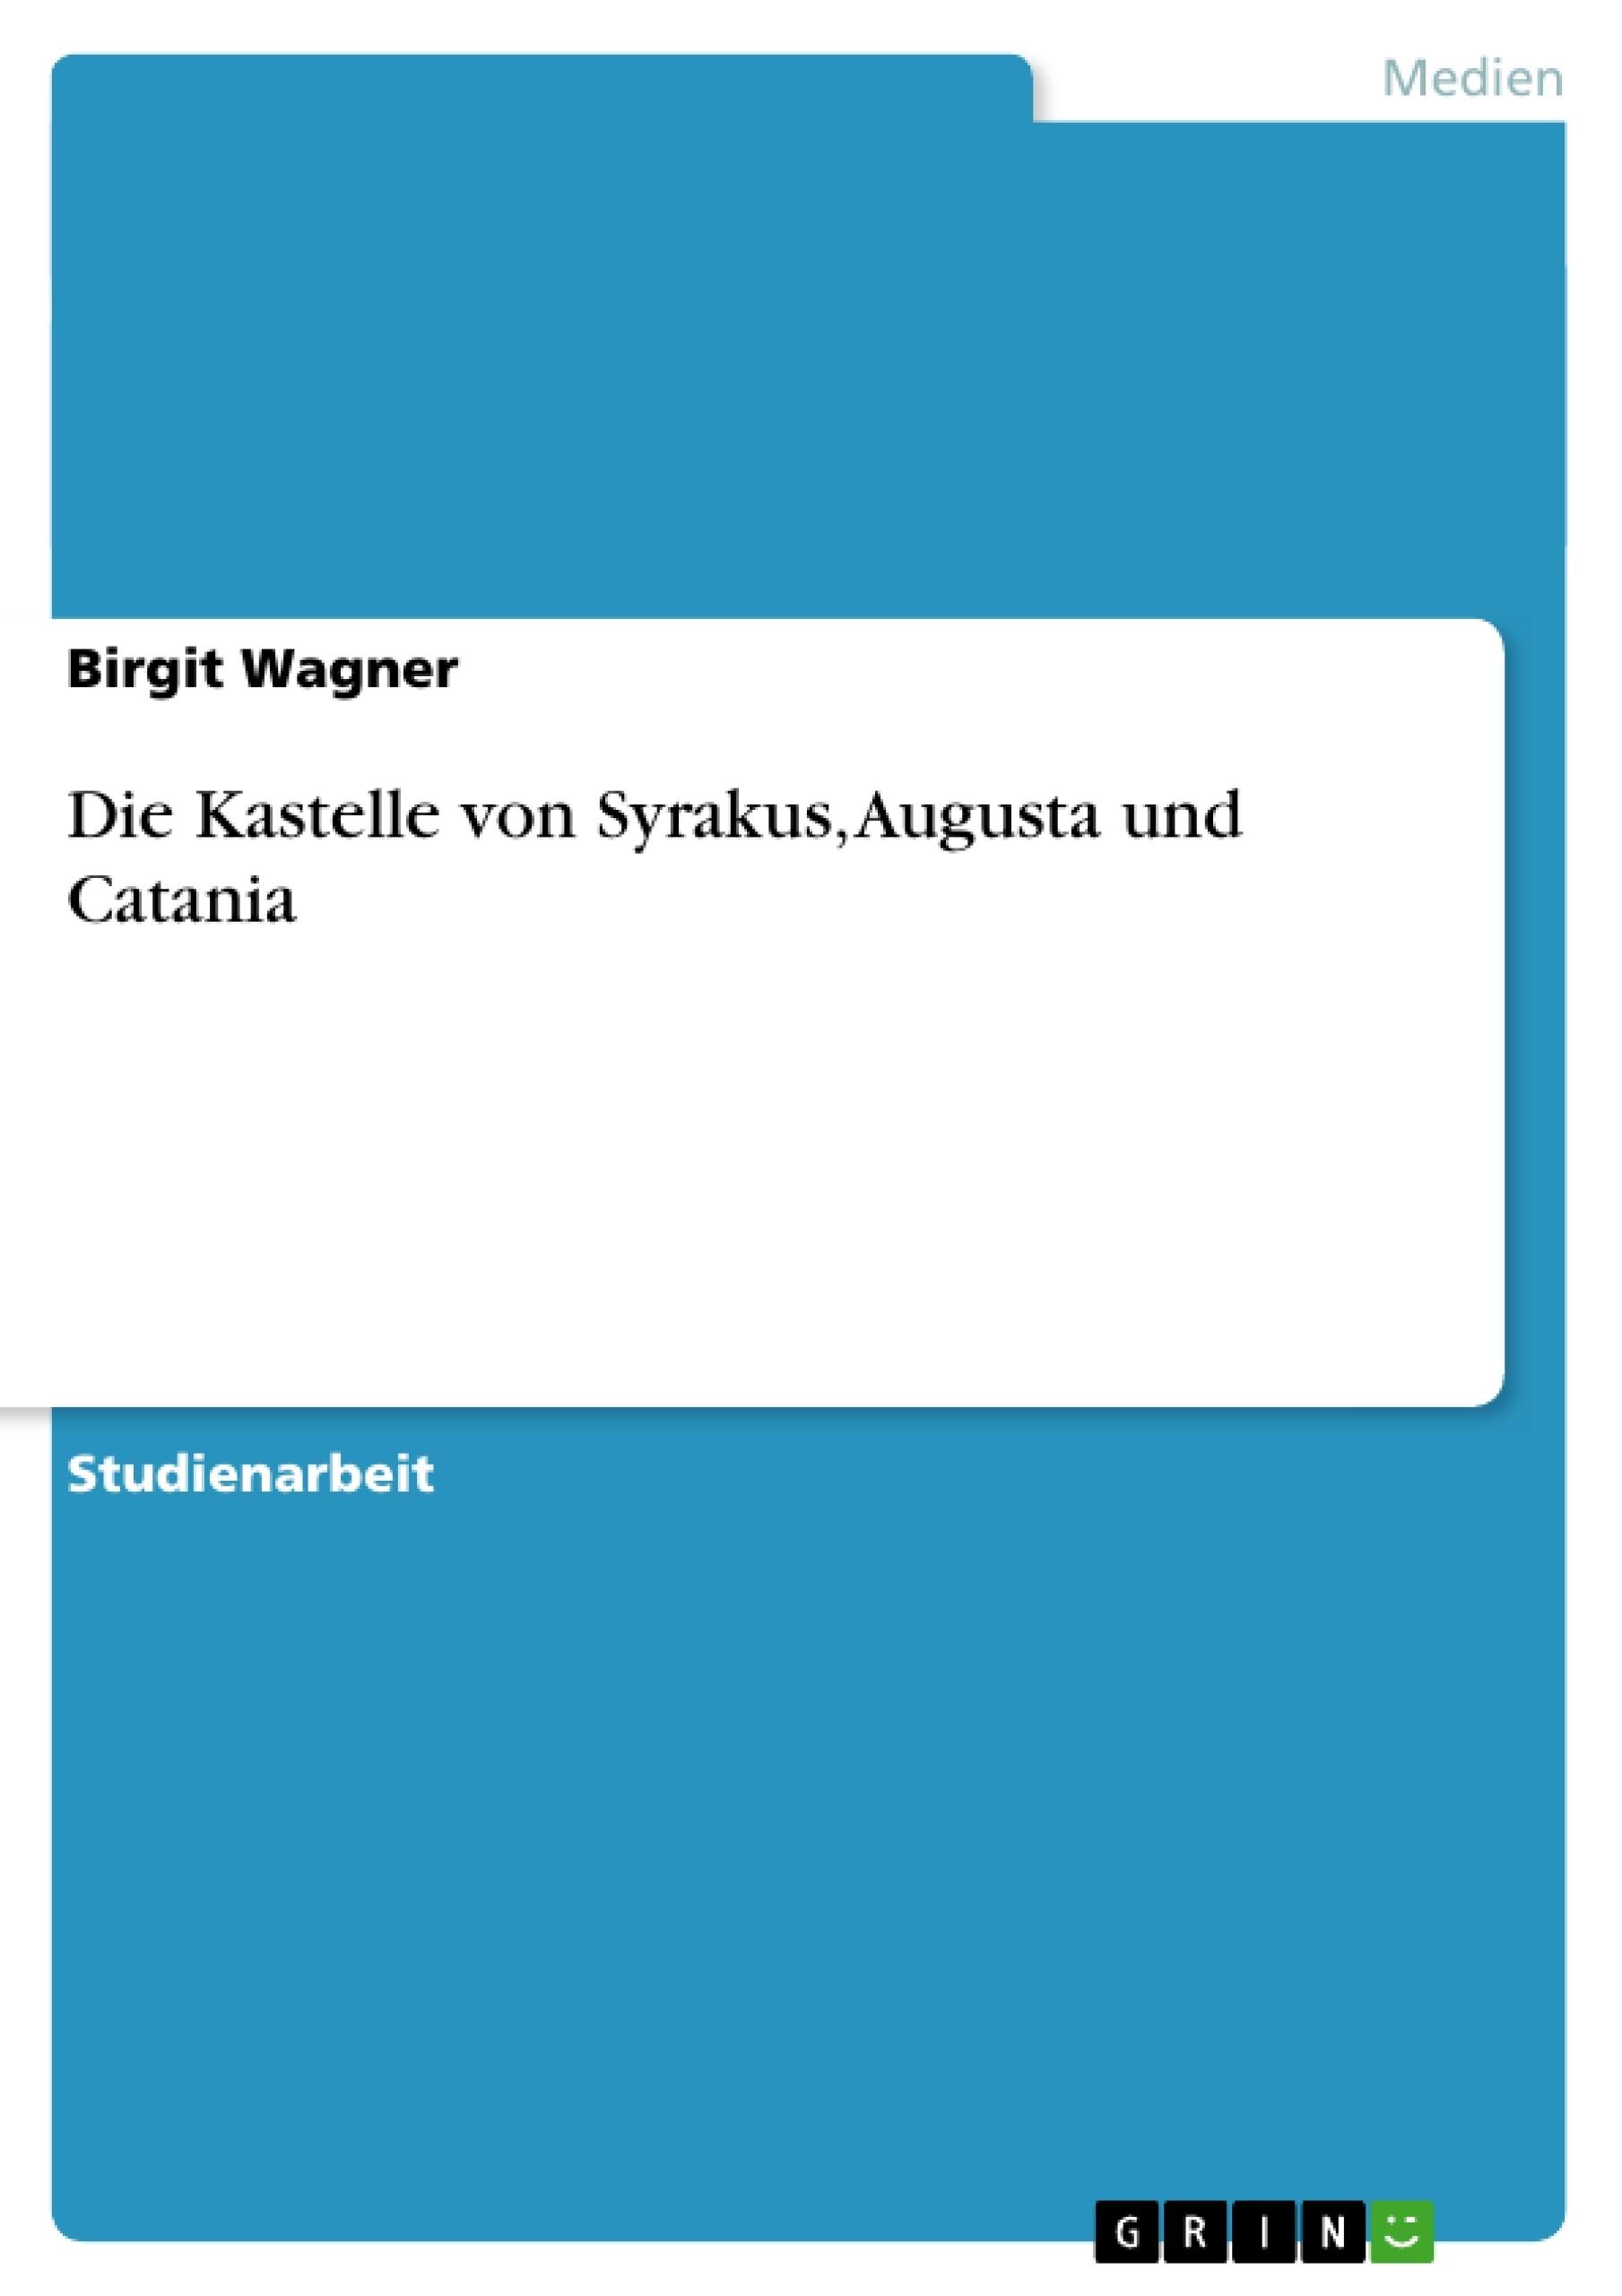 Titel: Die Kastelle von Syrakus, Augusta und Catania